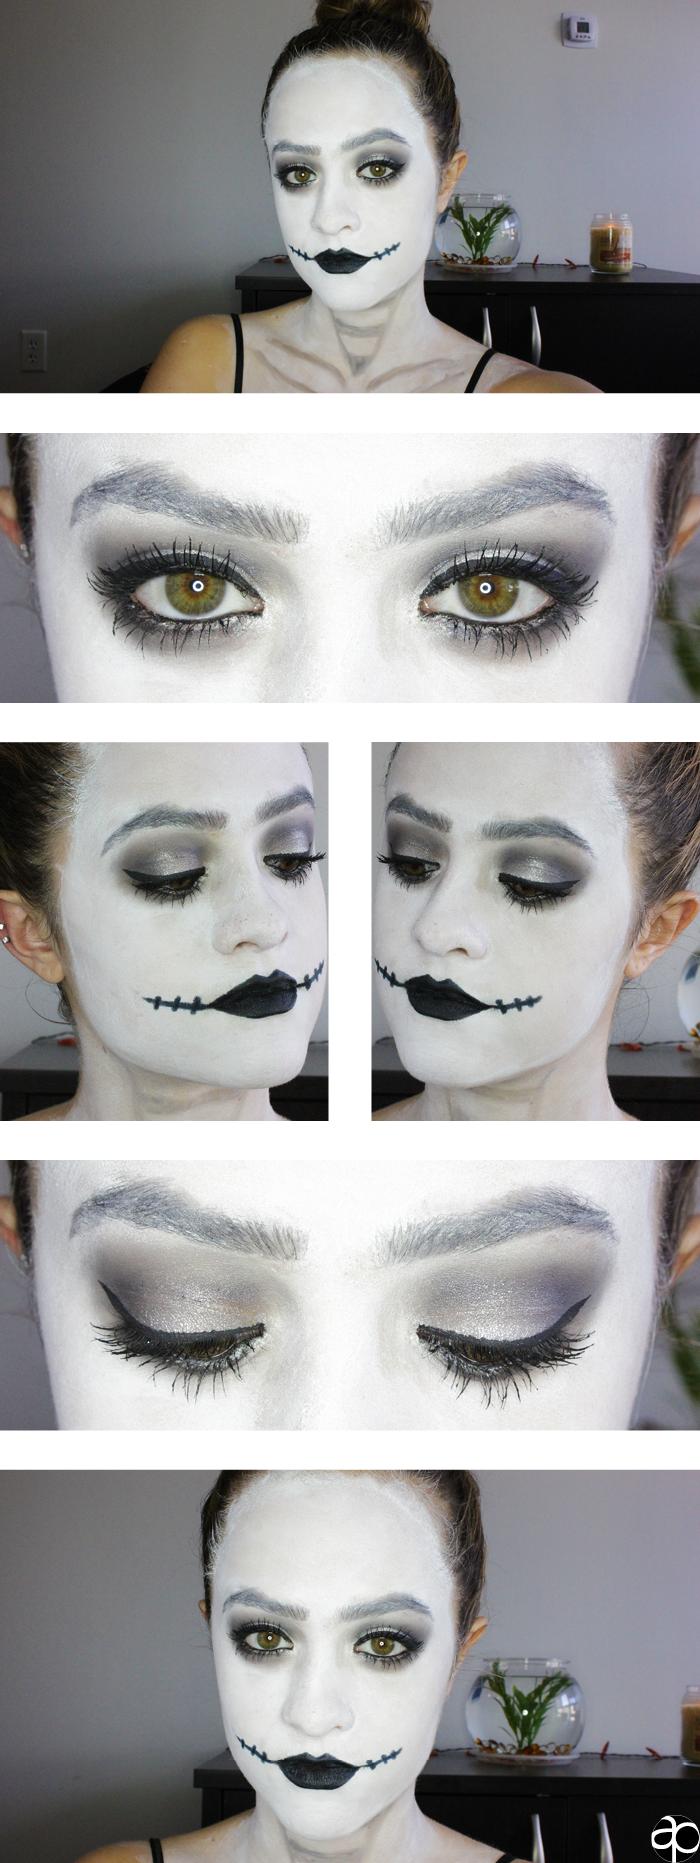 Halloween corpse bride makeup tutorial purdybeautytips halloween